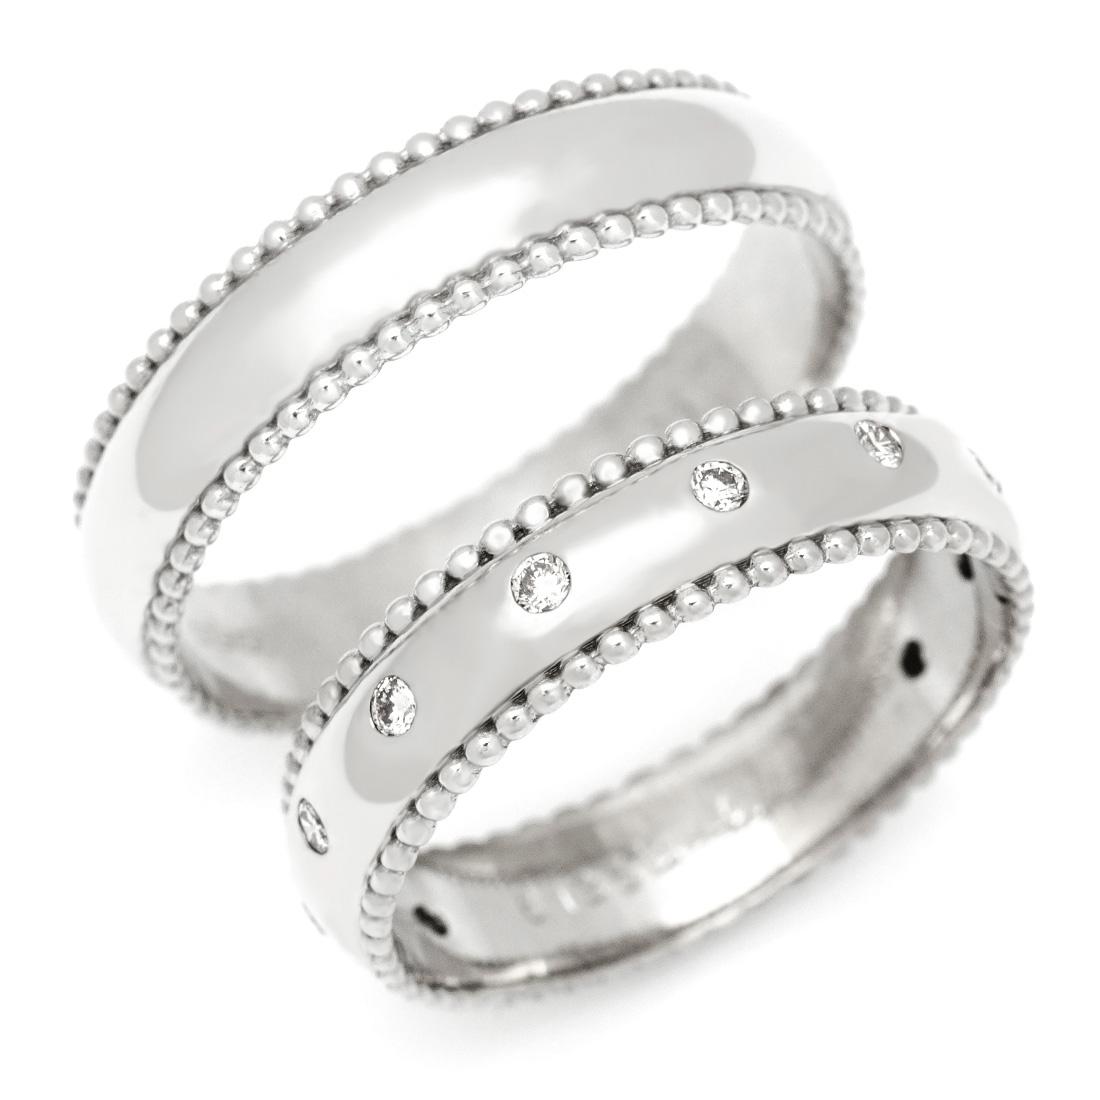 マリッジリング ダイヤモンド 「Polkadots」 プラチナ900 (レディース:1~20号 メンズ:10~29号)